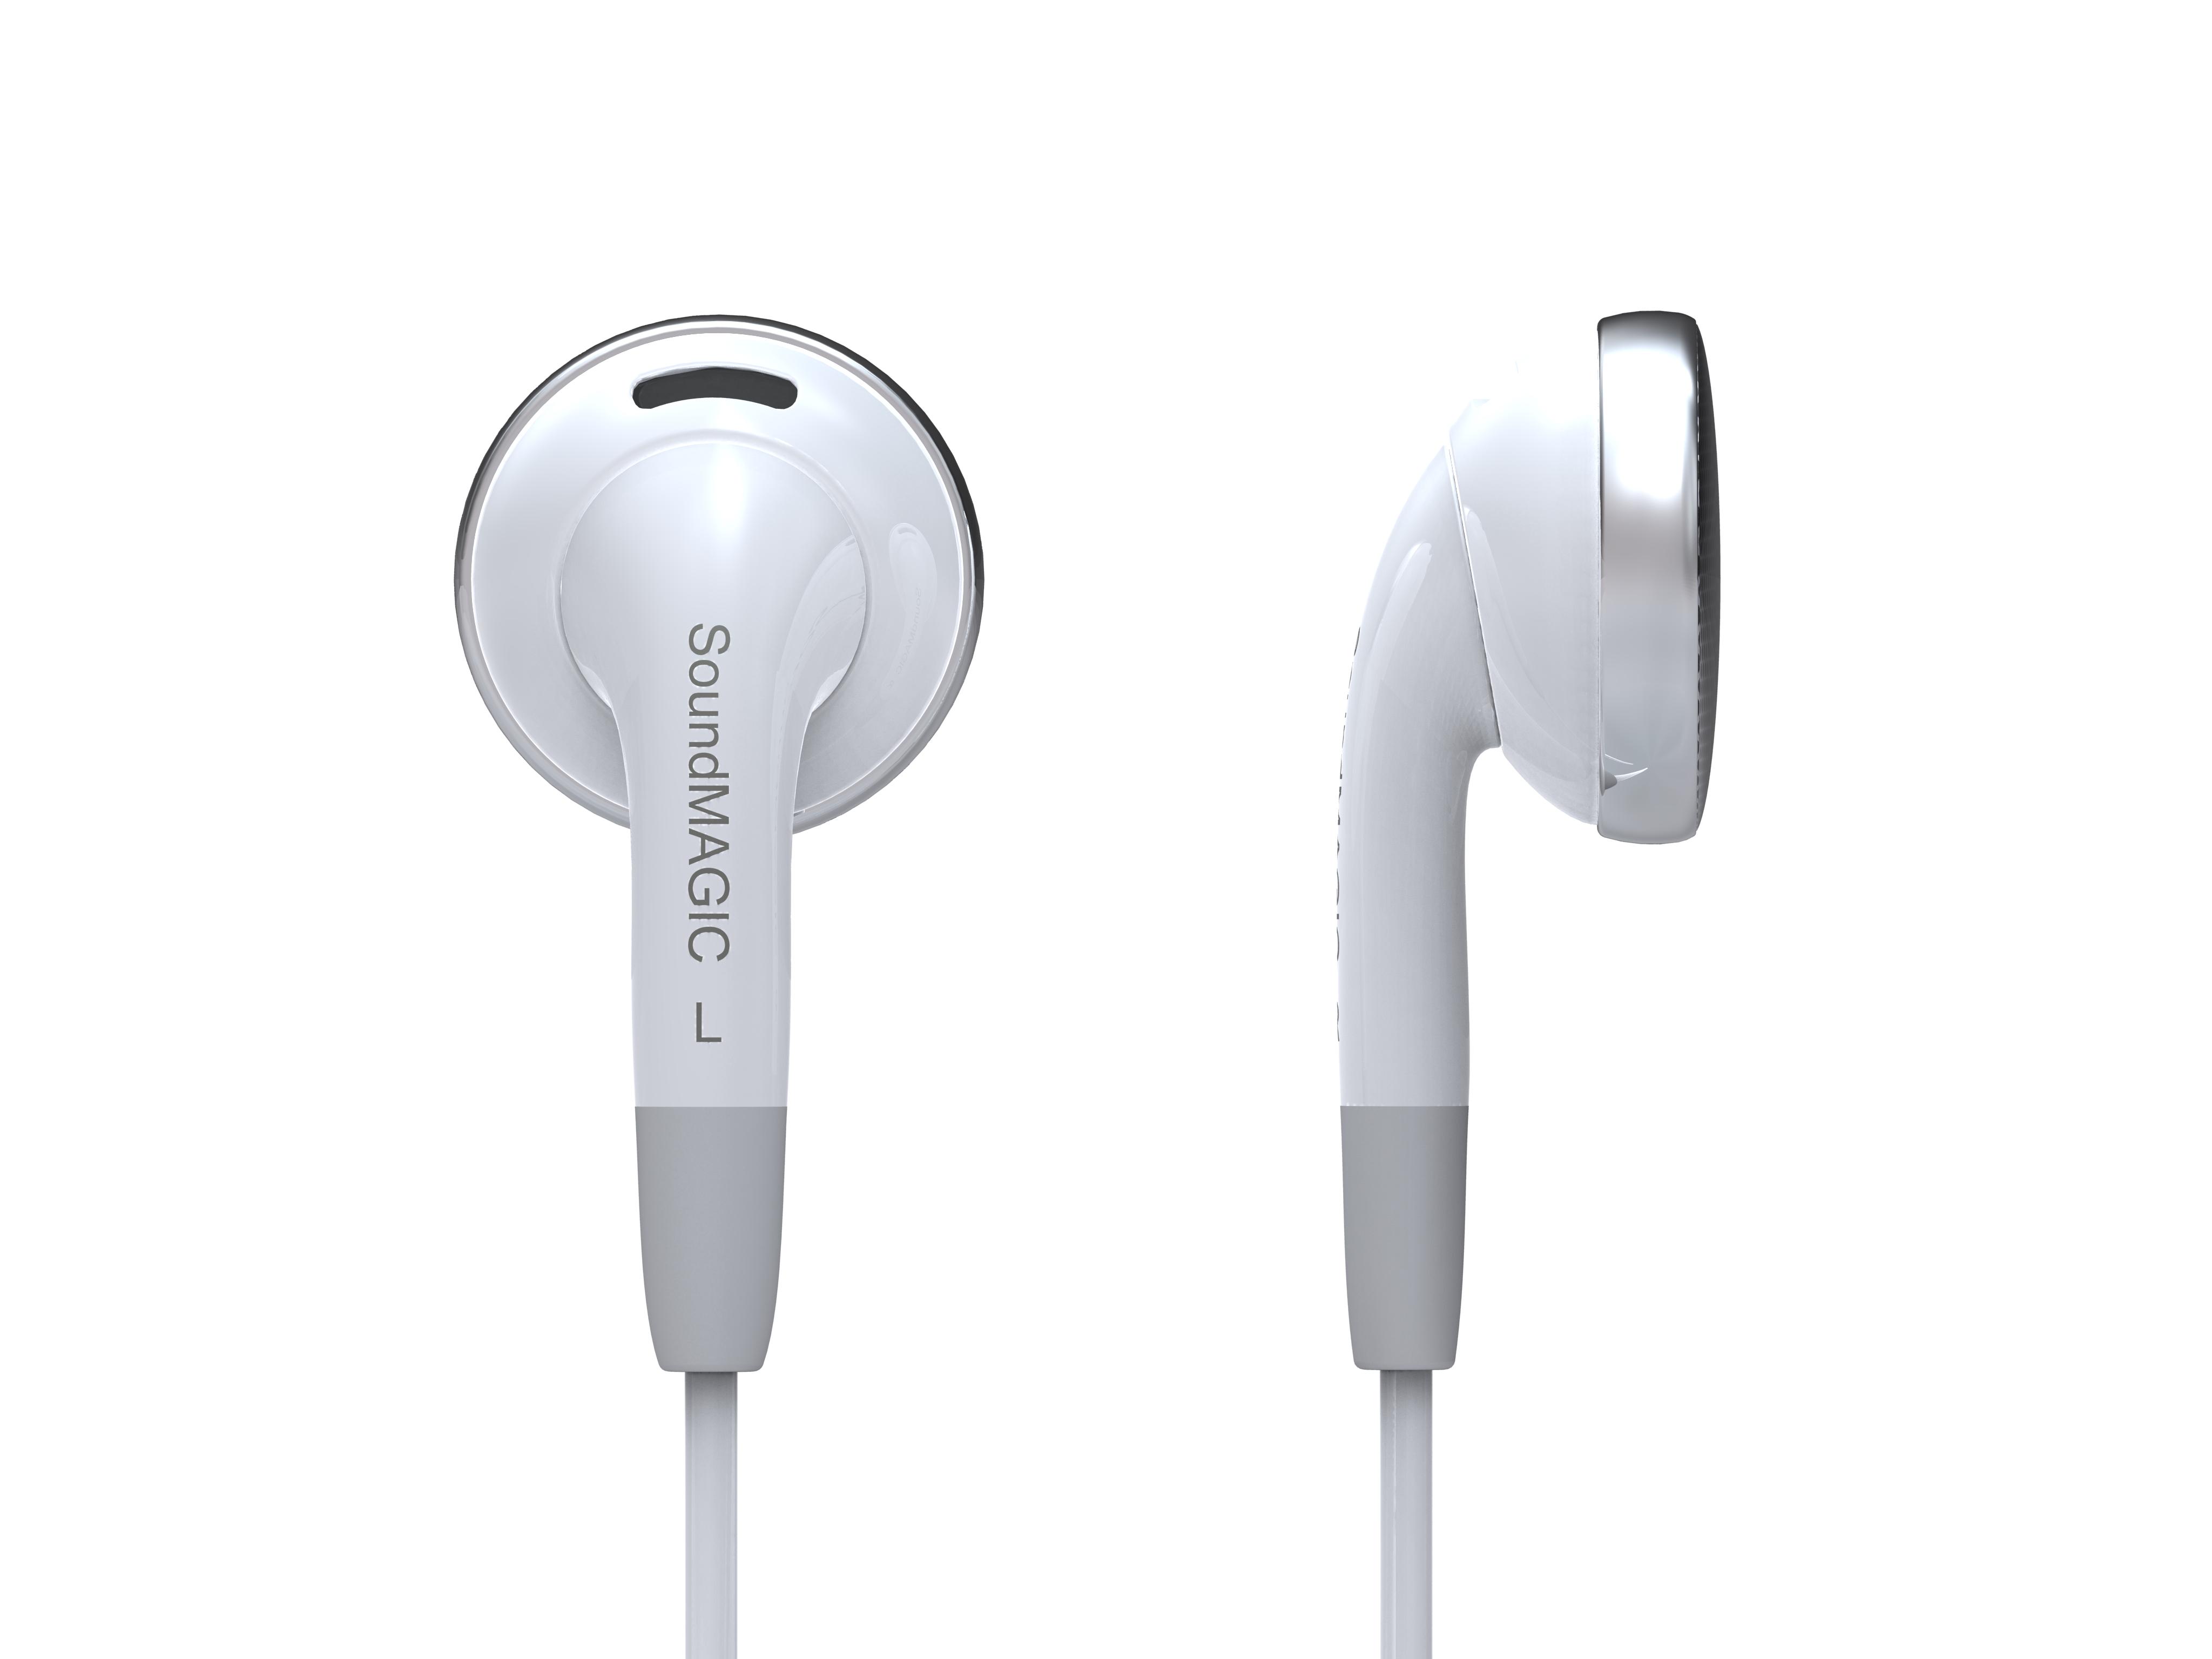 ขายหูฟัง SoundMagic EP30 หูฟังเอียบัดรุ่นท้อปจากค่าย SoundMagic ให้ เบสหนักแน่น แต่ยังคงรายละเอียดดนตรีครบถ้วน และ เสียงร้องหวานหยาดเยื้ม ราคาเบาๆ